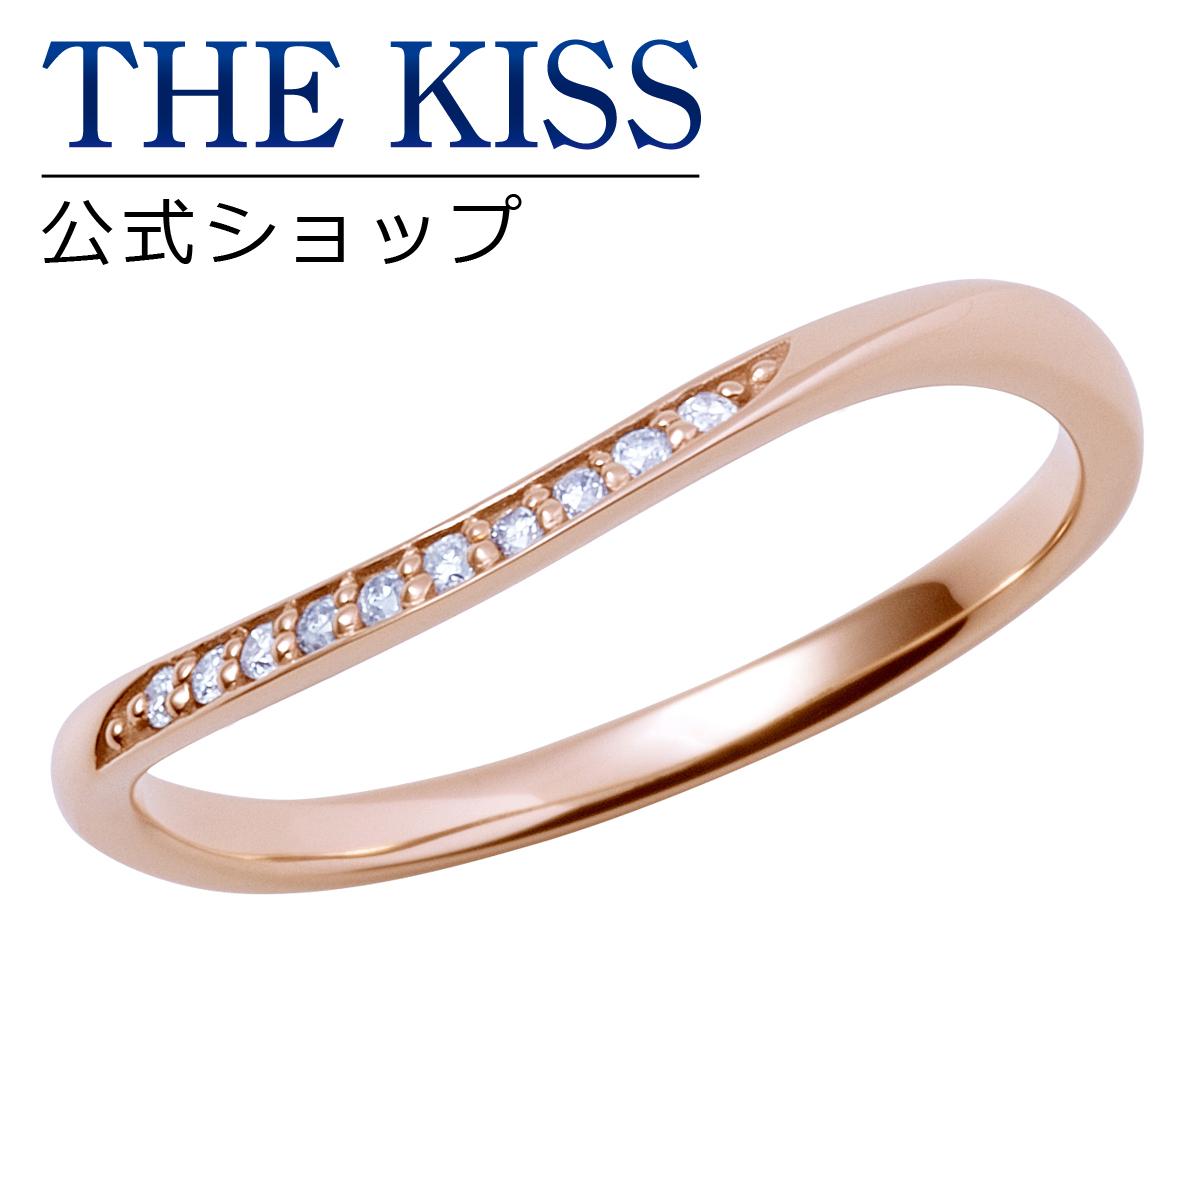 【あす楽対応】【2018年クリスマス限定】【送料無料】【THE KISS sweets】【ペアリング】 K10ピンクゴールド レディース リング (レディース単品) 2018-04RPG-DM ☆ ゴールド ペア リング 指輪 ブランド GOLD Pair Ring couple